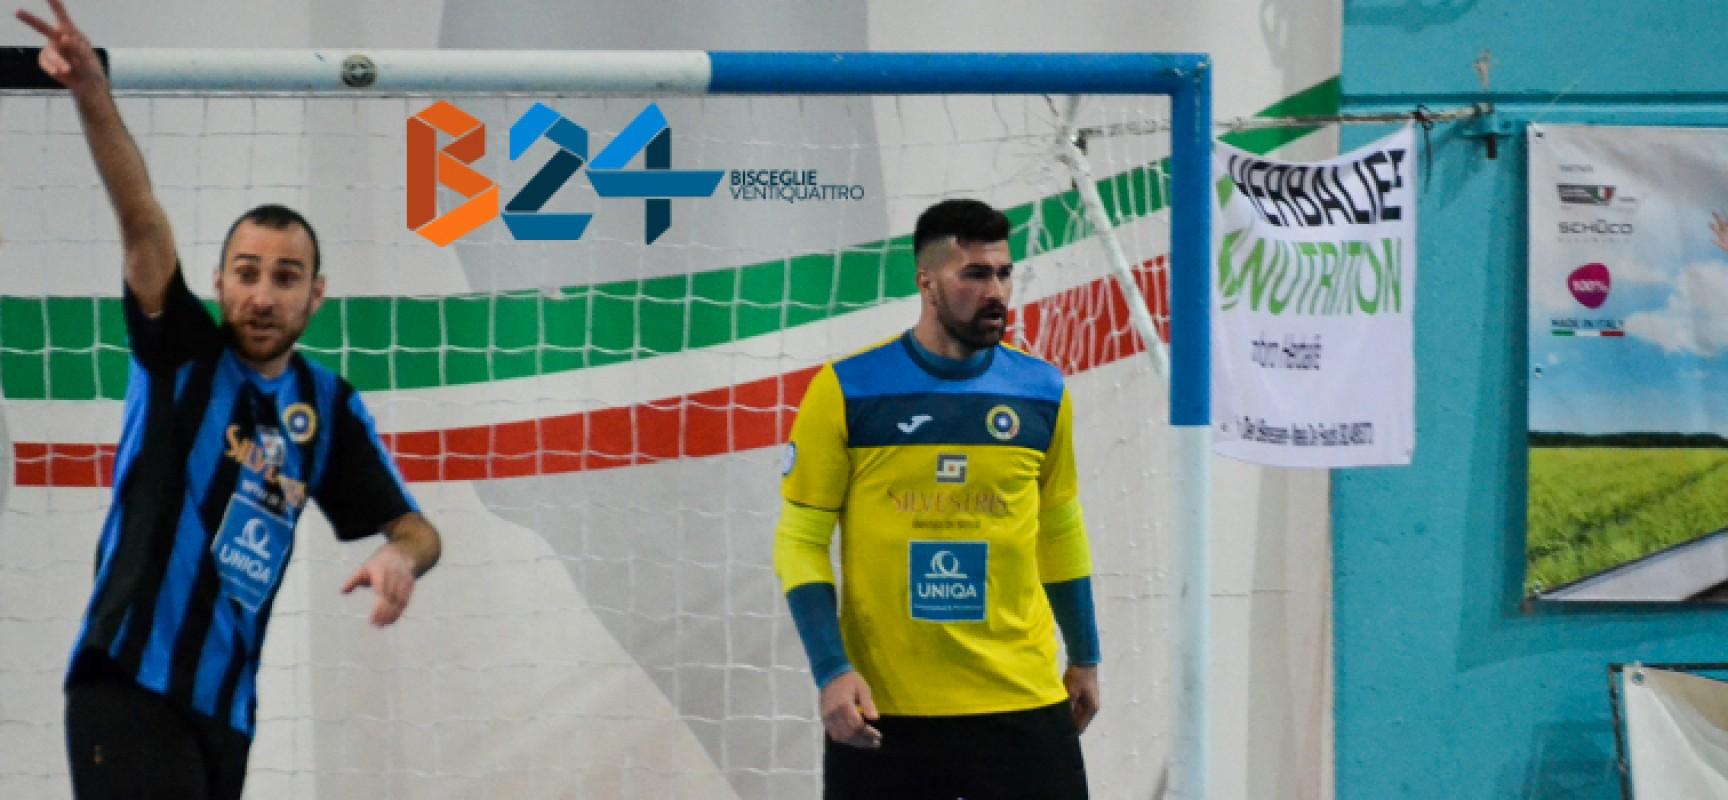 """Futsal Bisceglie in emergenza a Sammichele, Lopopolo:""""Sarà battaglia sportiva"""""""